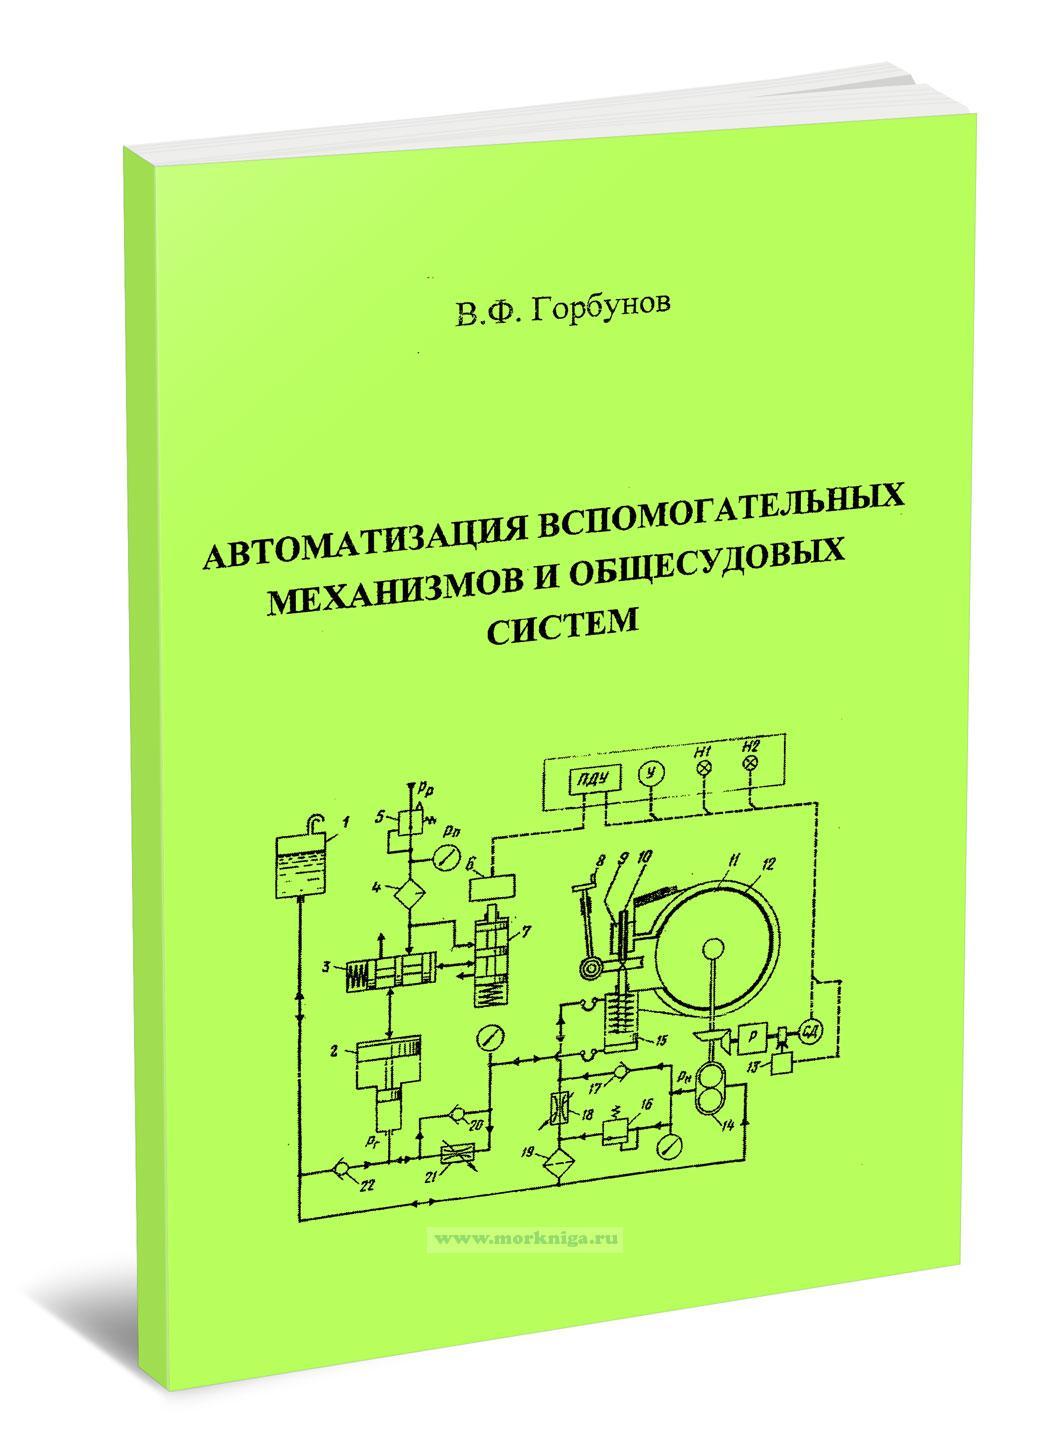 Автоматизация вспомогательных механизмов и общесудовых систем